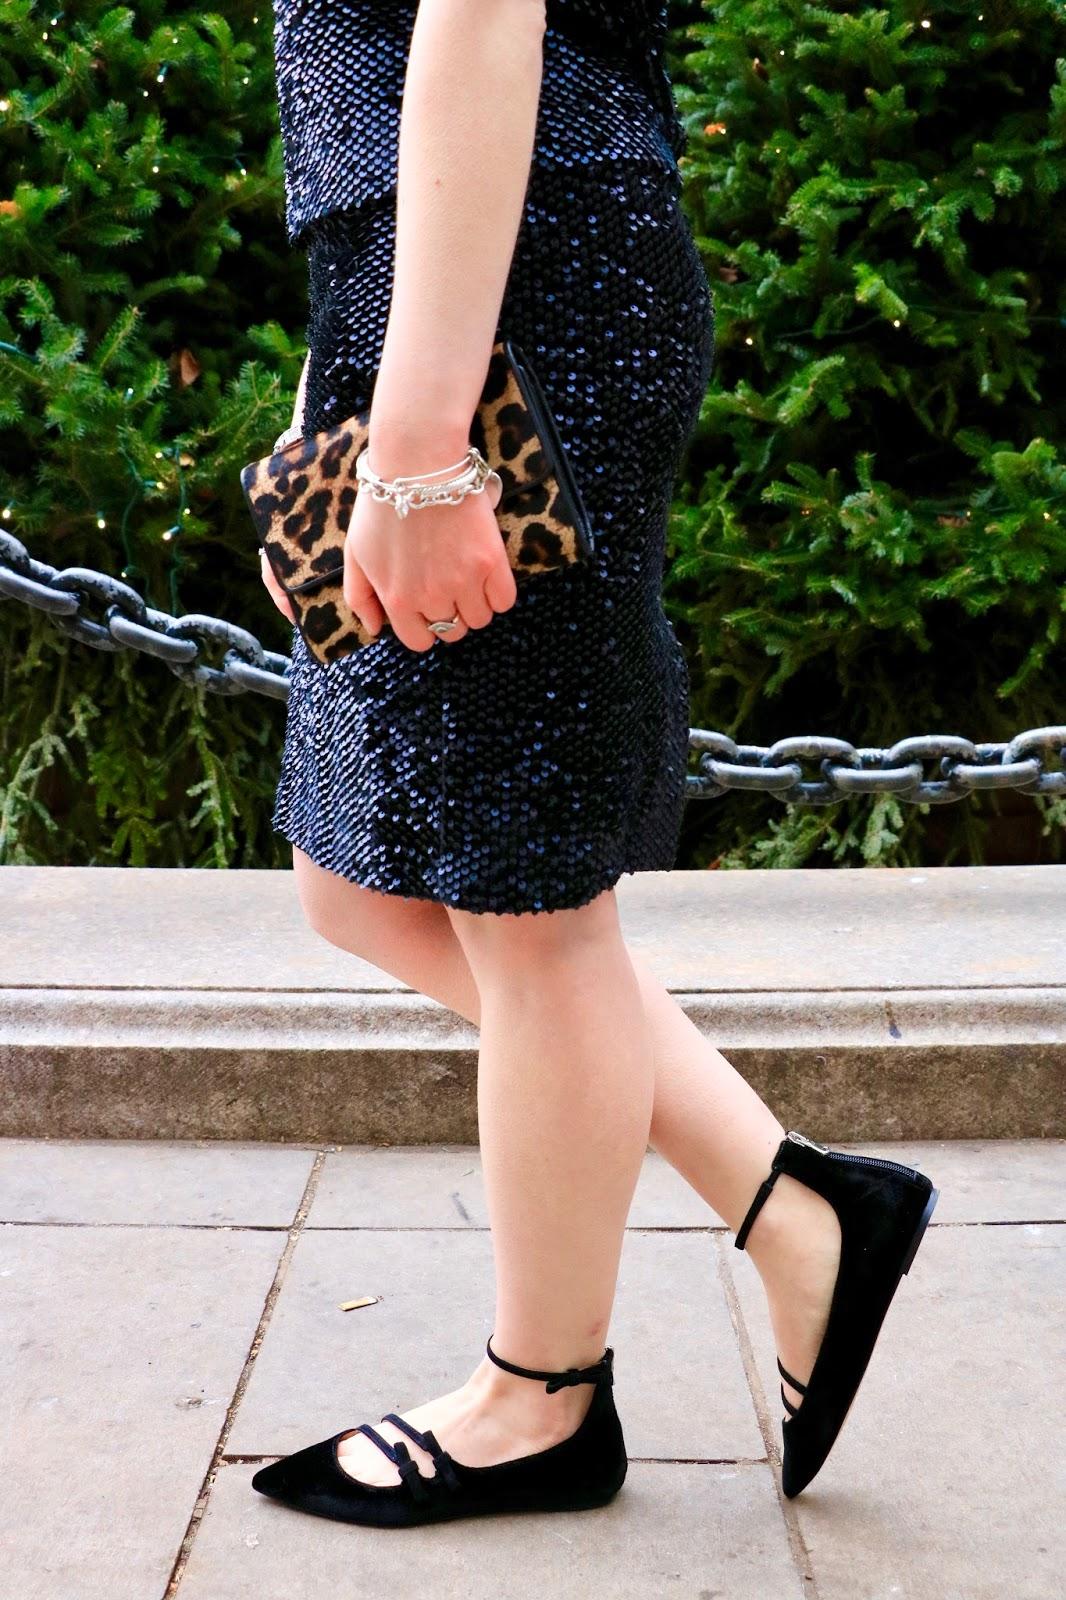 sequin pencil skirt pics